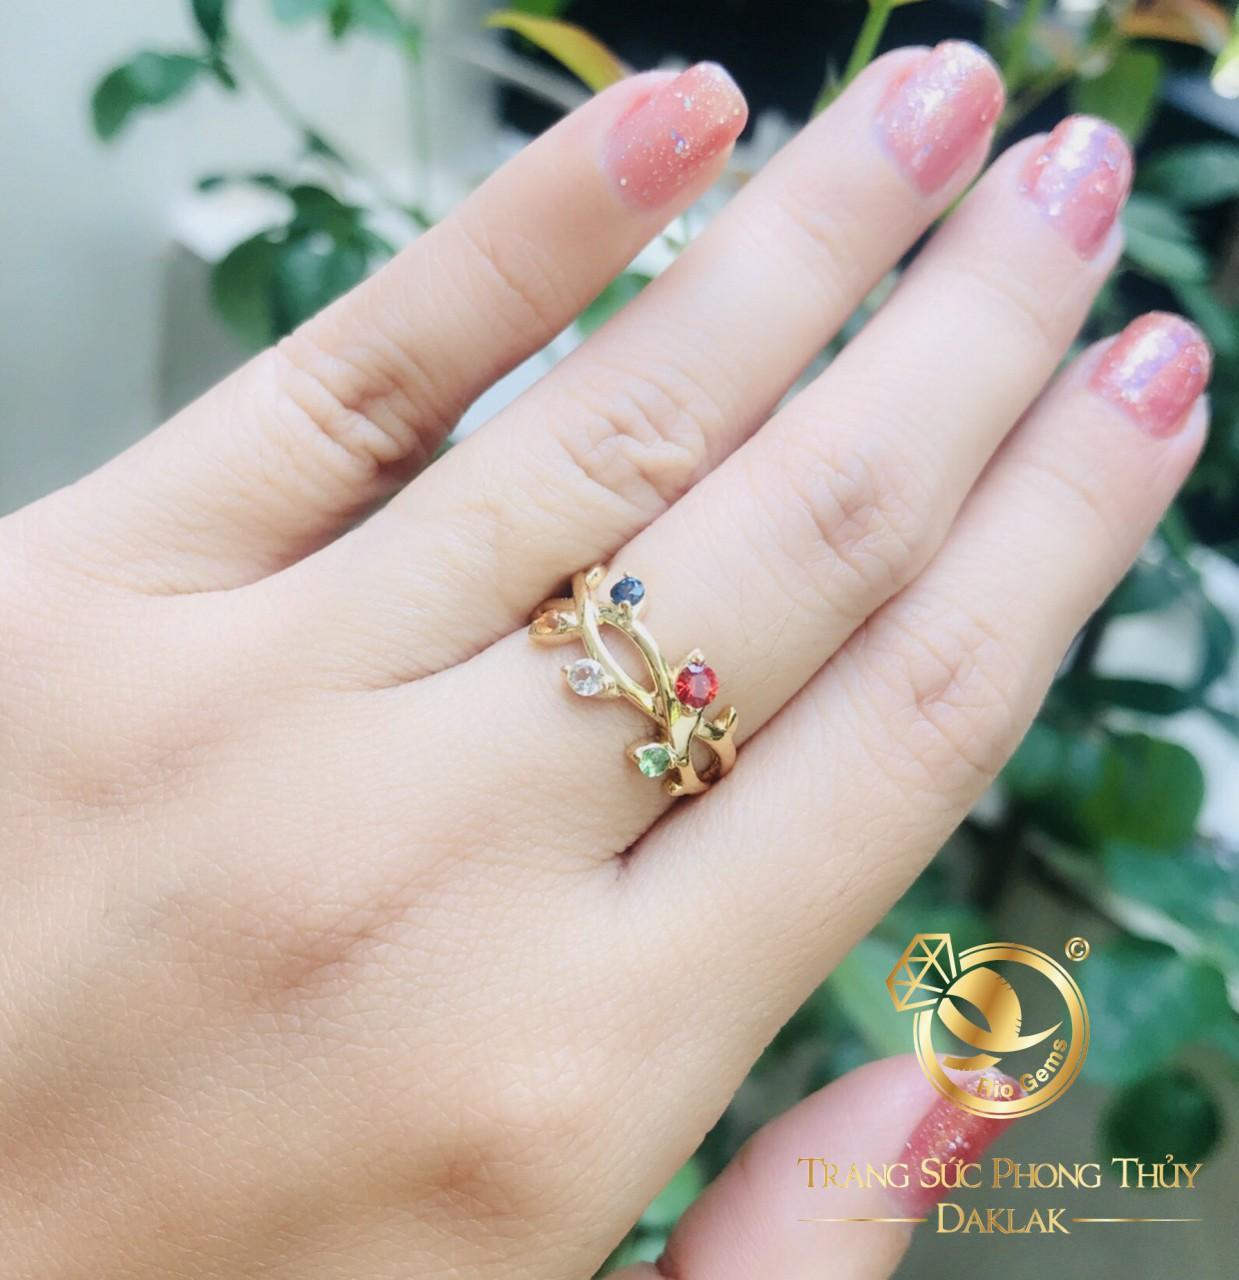 Nhẫn vàng ngũ sắc đính Tuocmalink đa sắc sở hữu thiết kế dịu dàng, huyền bí tựa như vẻ đẹp của người con gái